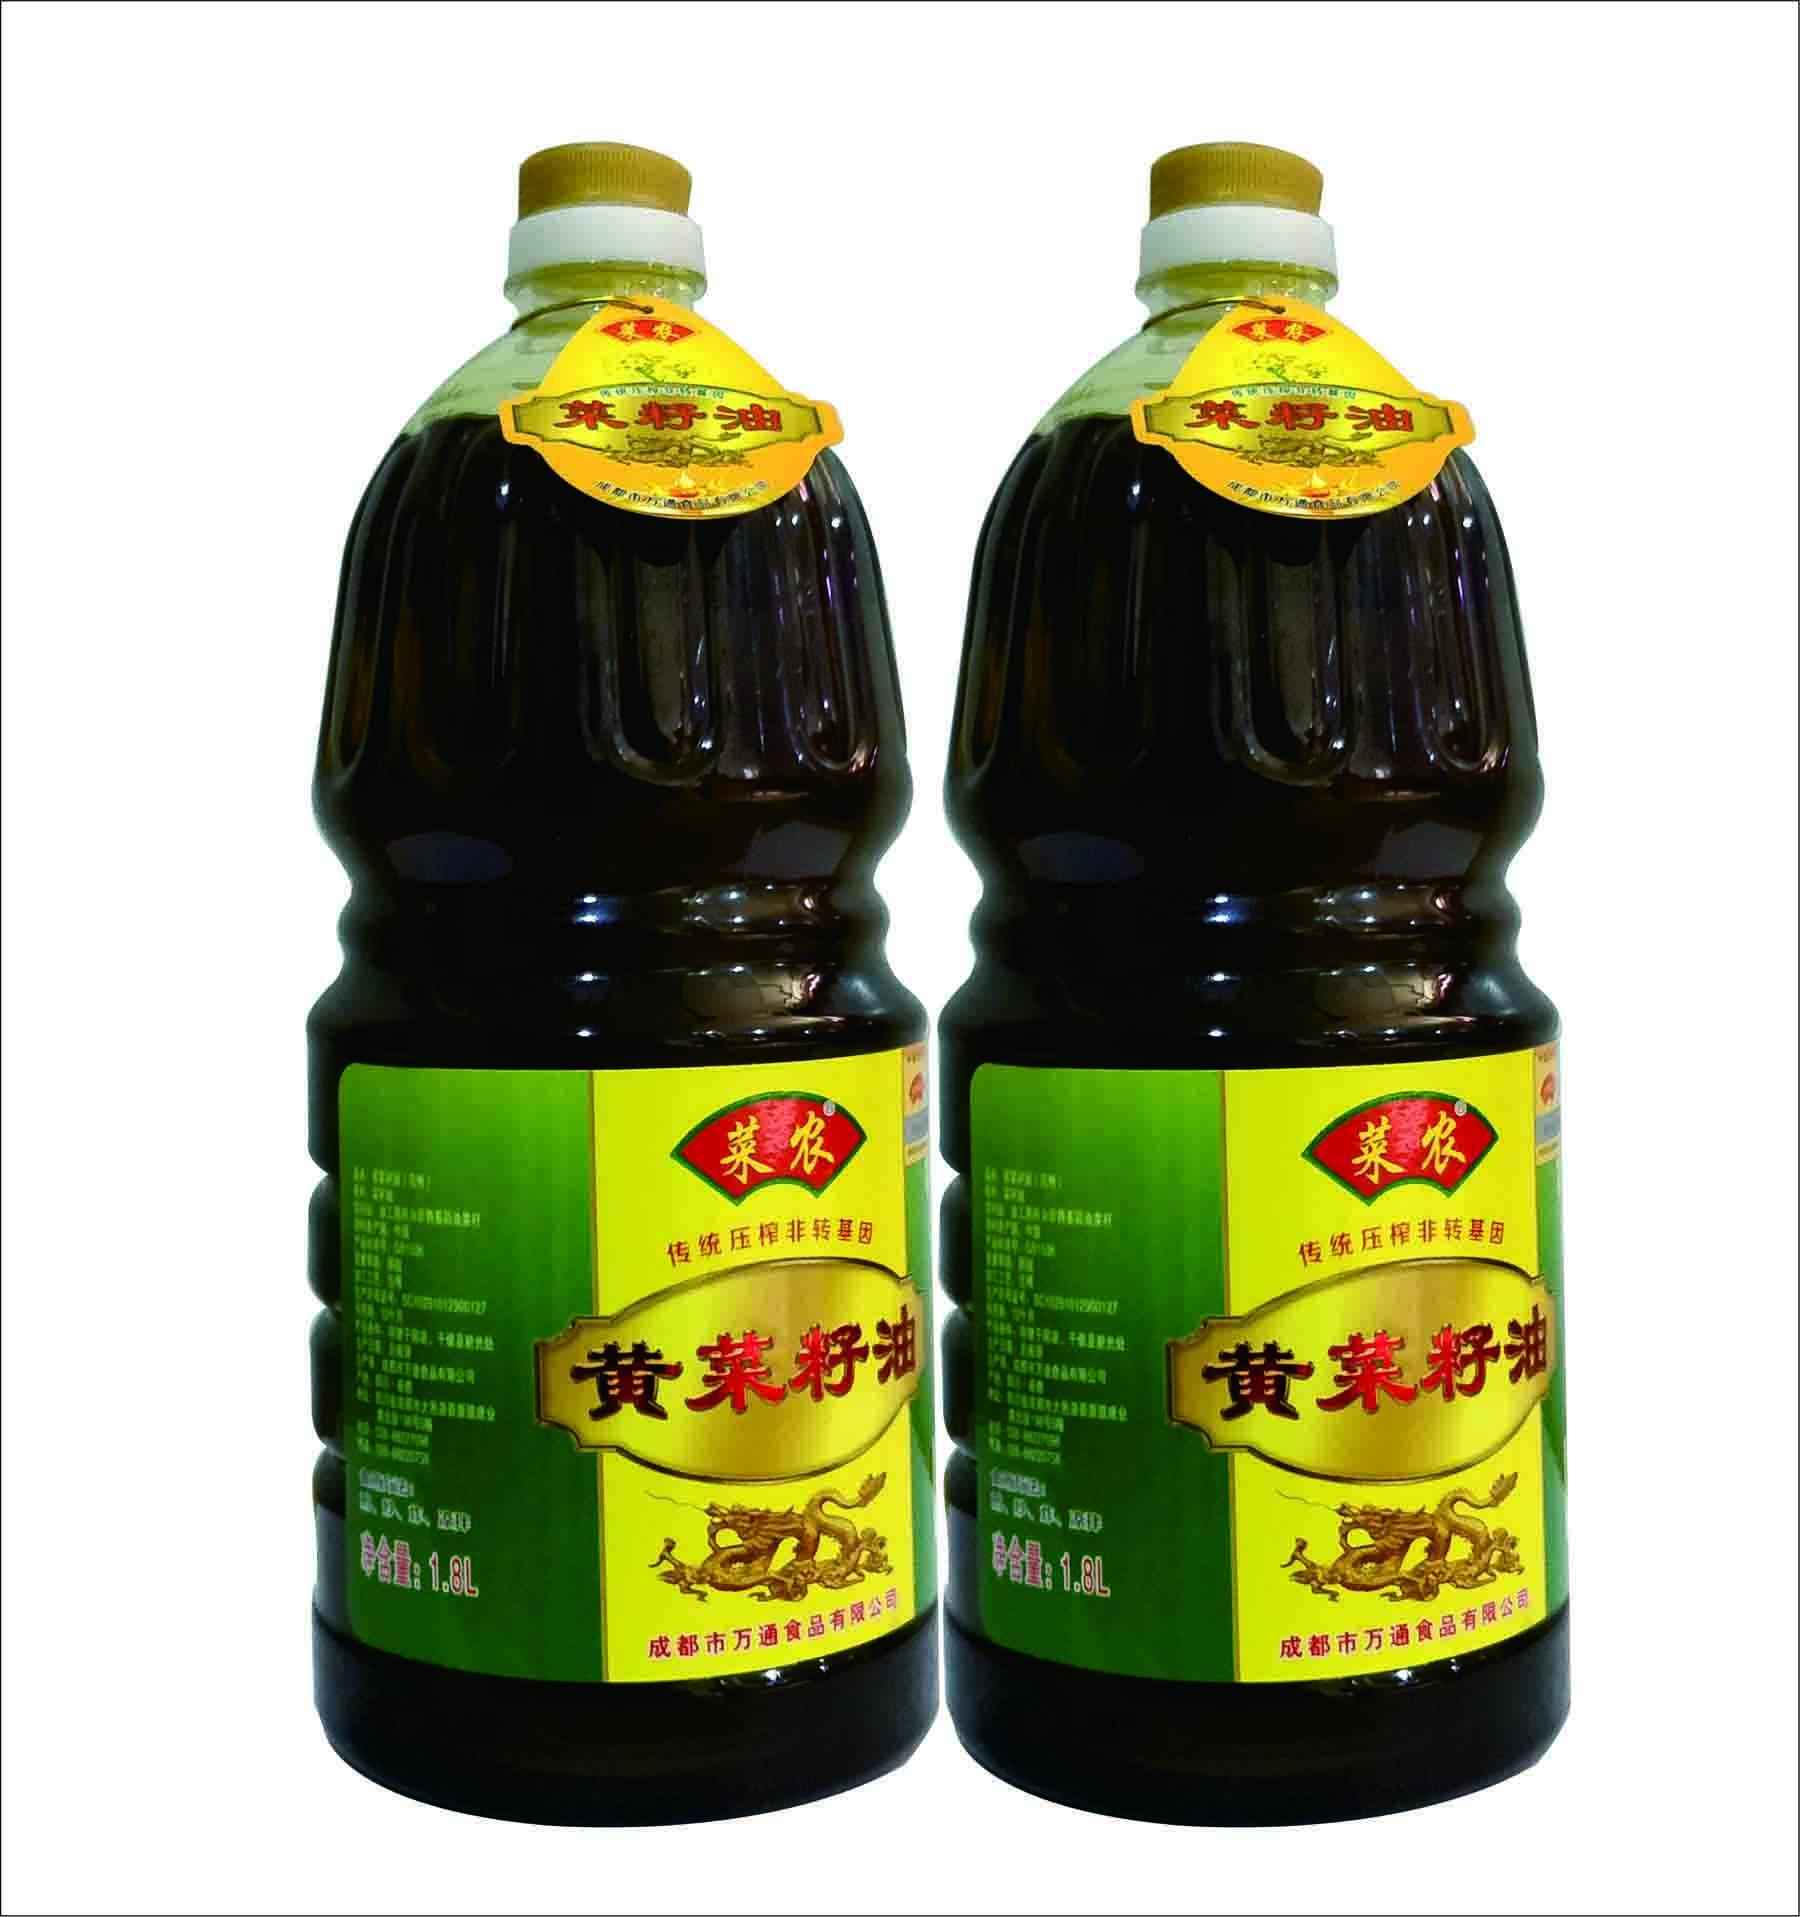 供应成都热销黄菜籽油-菜籽油价格行情